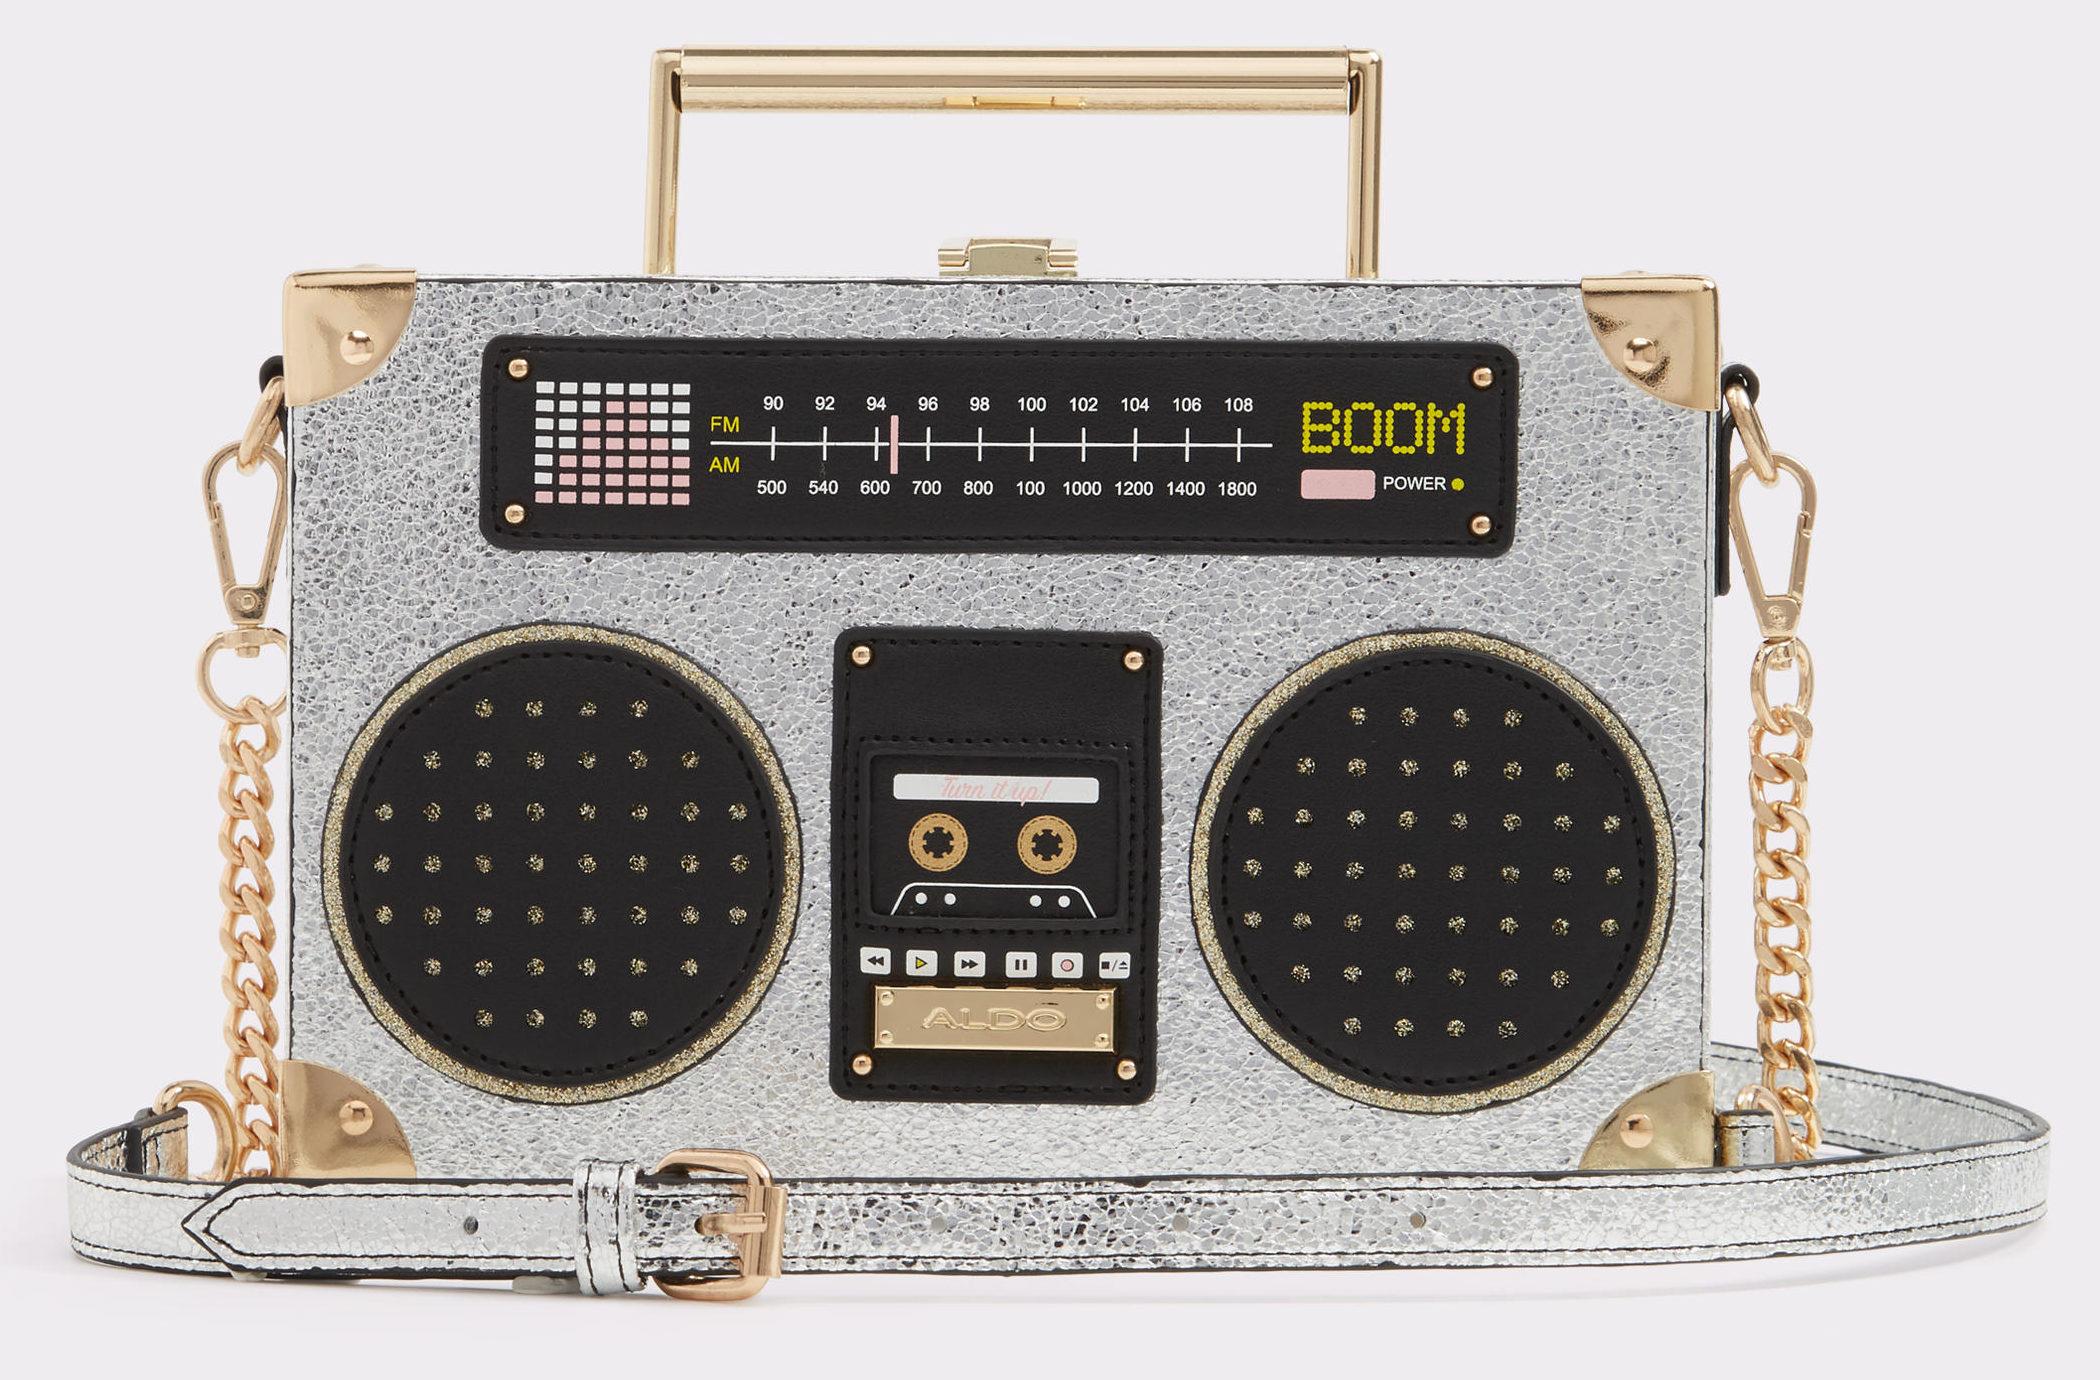 Tiezzo Boombox purse